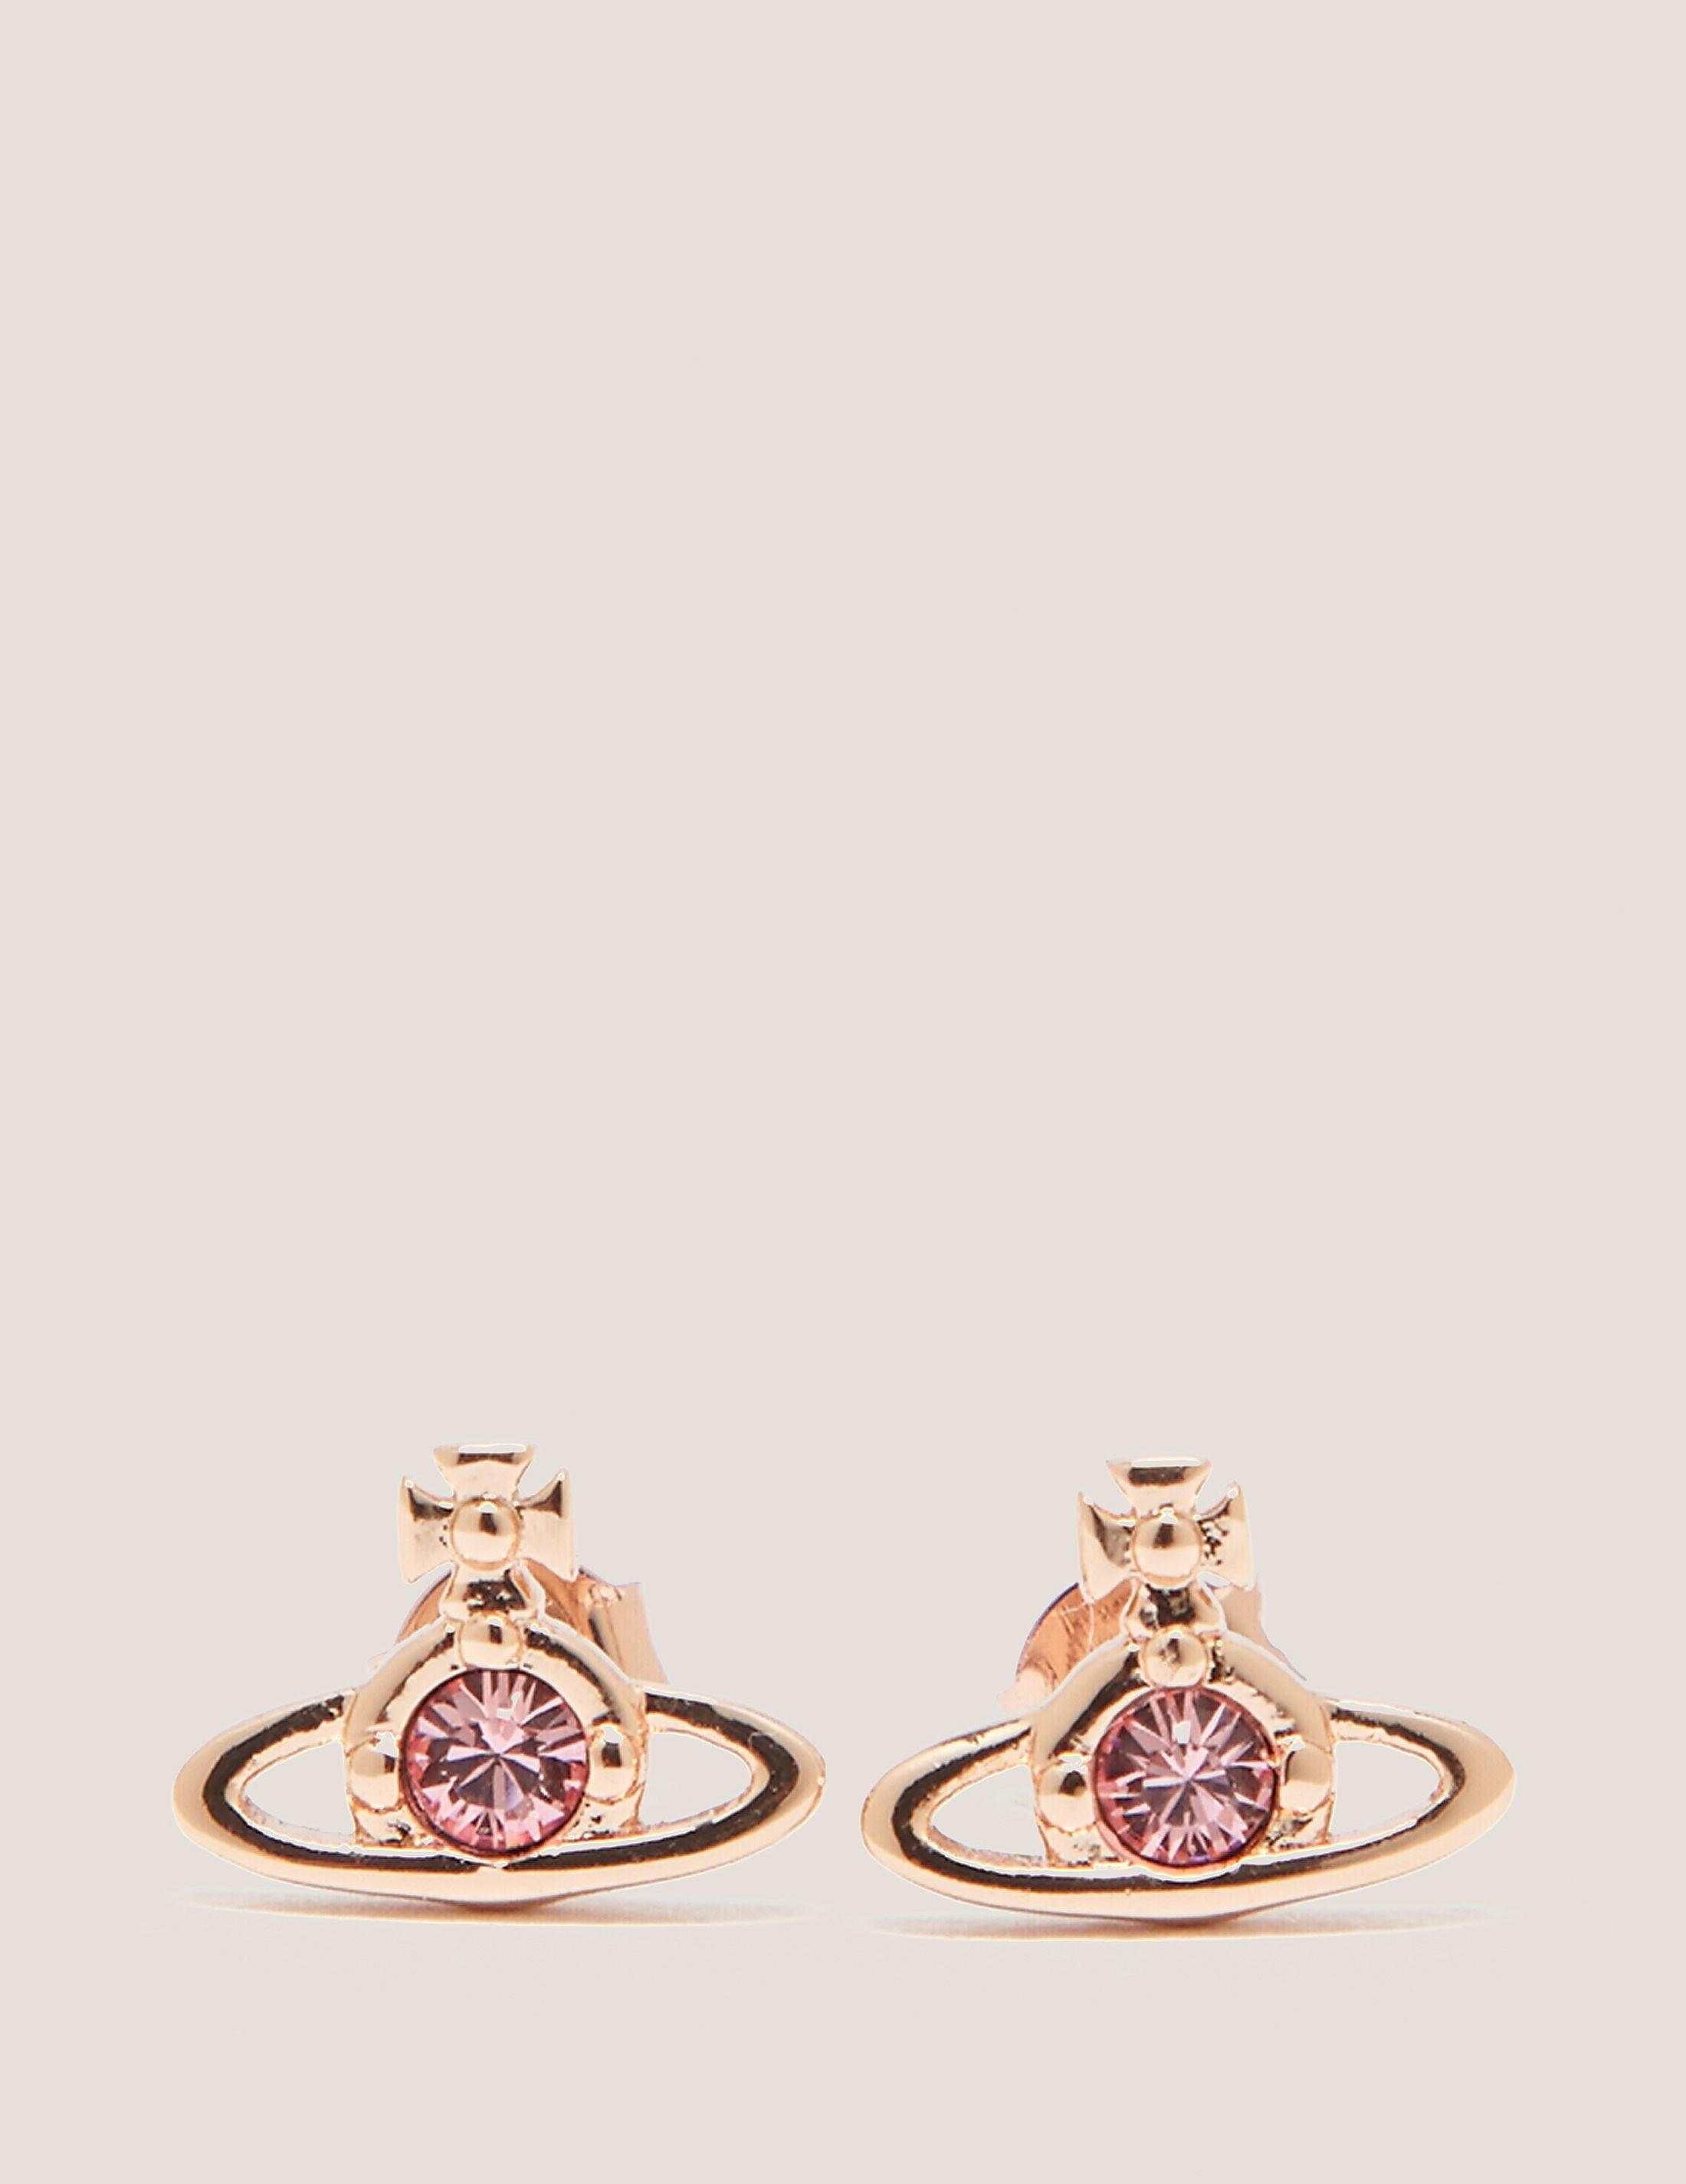 Vivienne Westwood Nano Stud Earrings